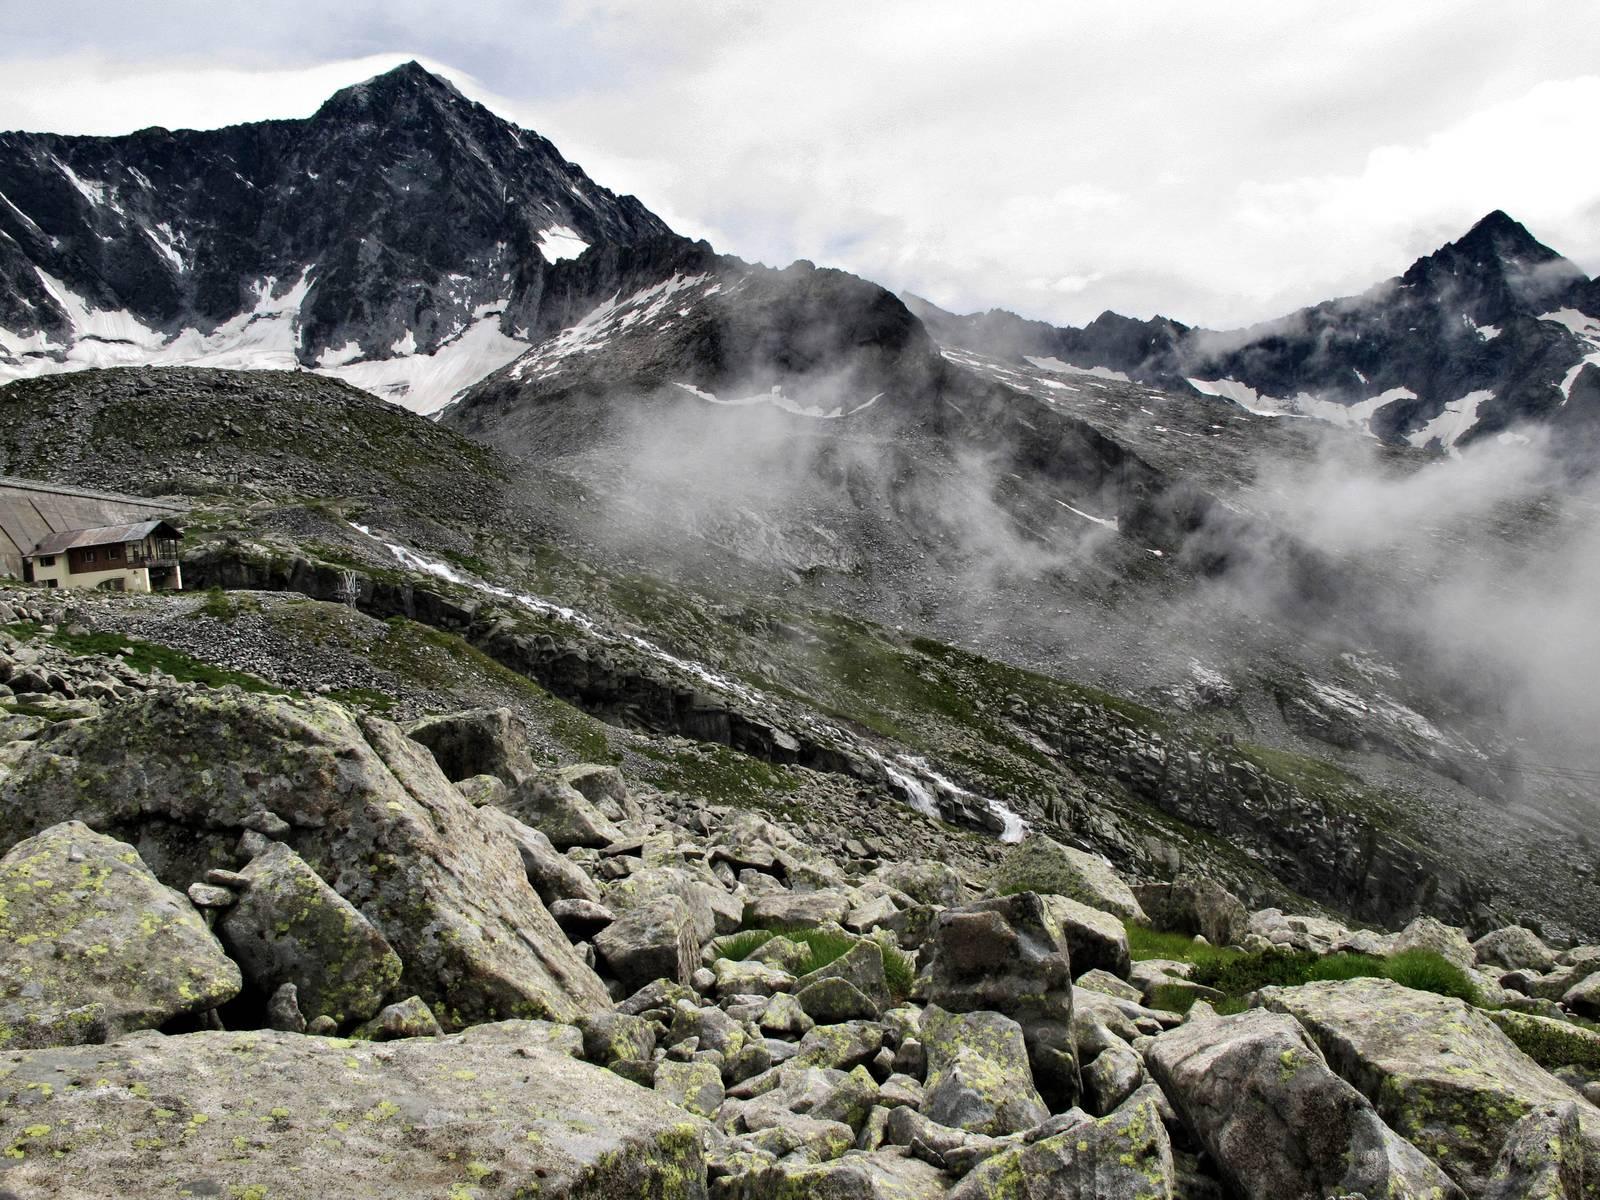 Passi-nella-neve-9-agosto-2014_Narrazione-in-cammino-destinazione-Garibaldi49 Copia